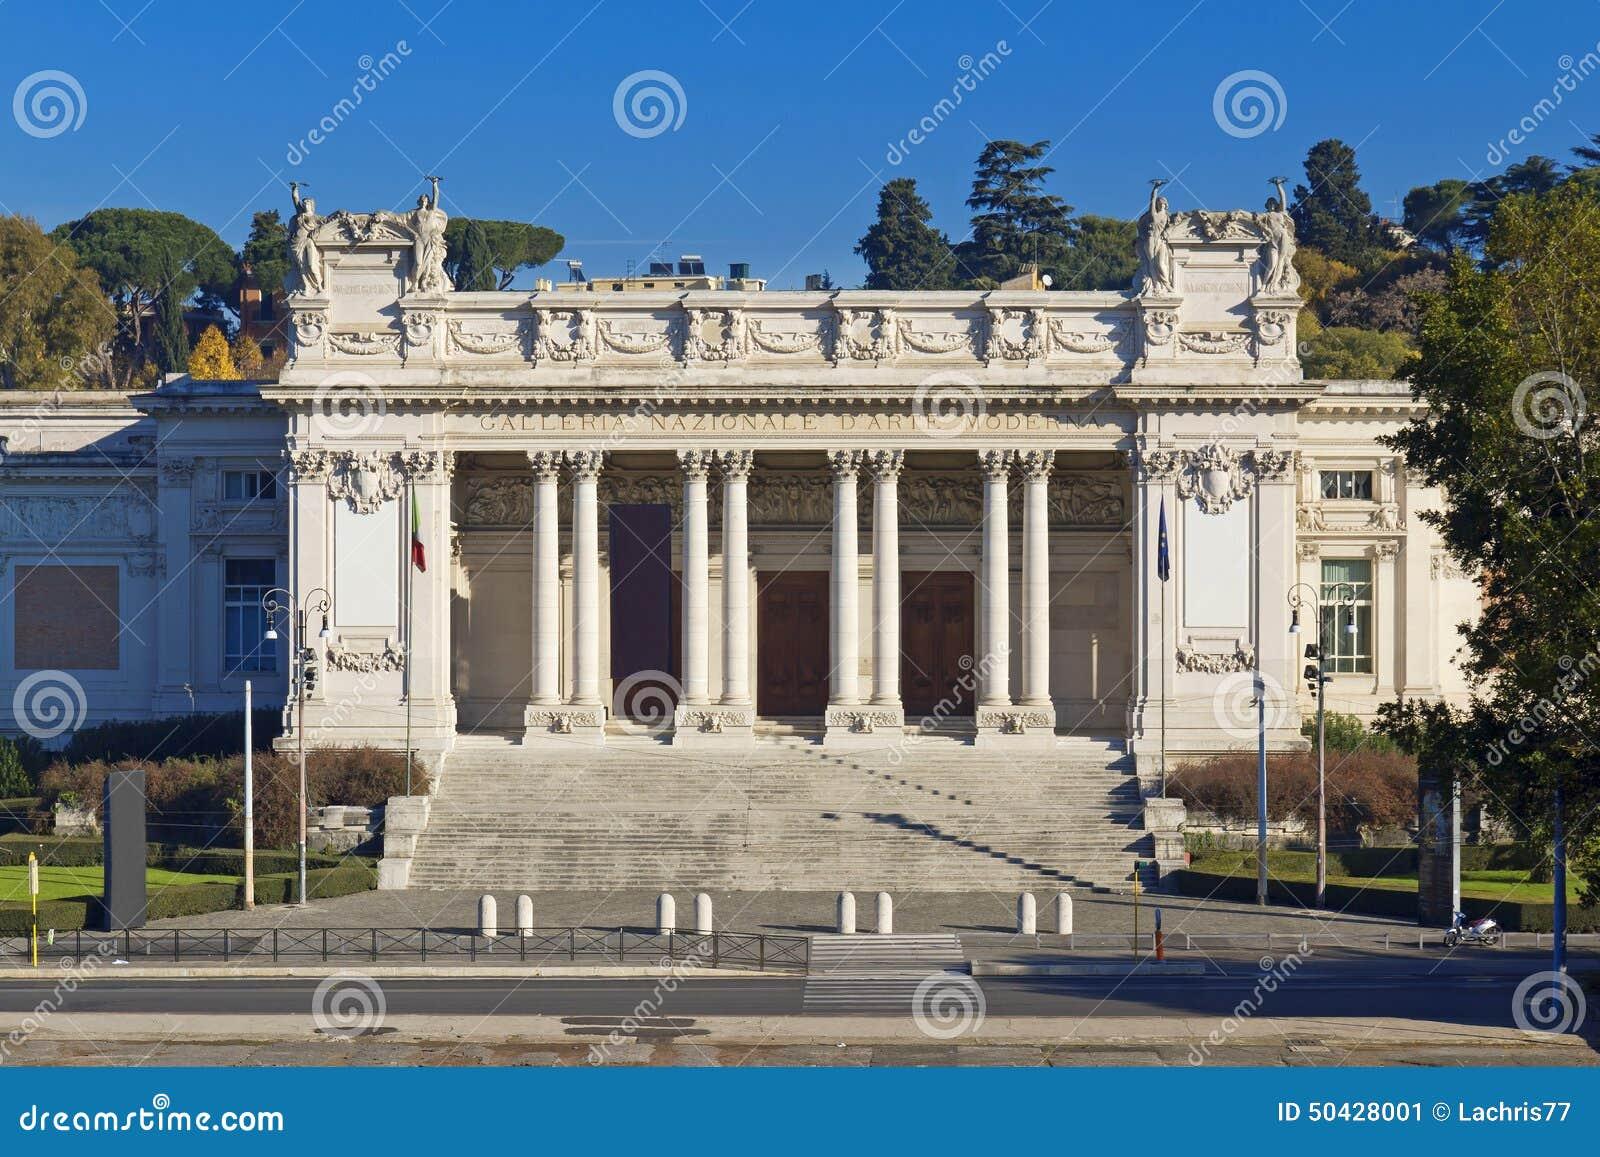 Borghese italy rome villa